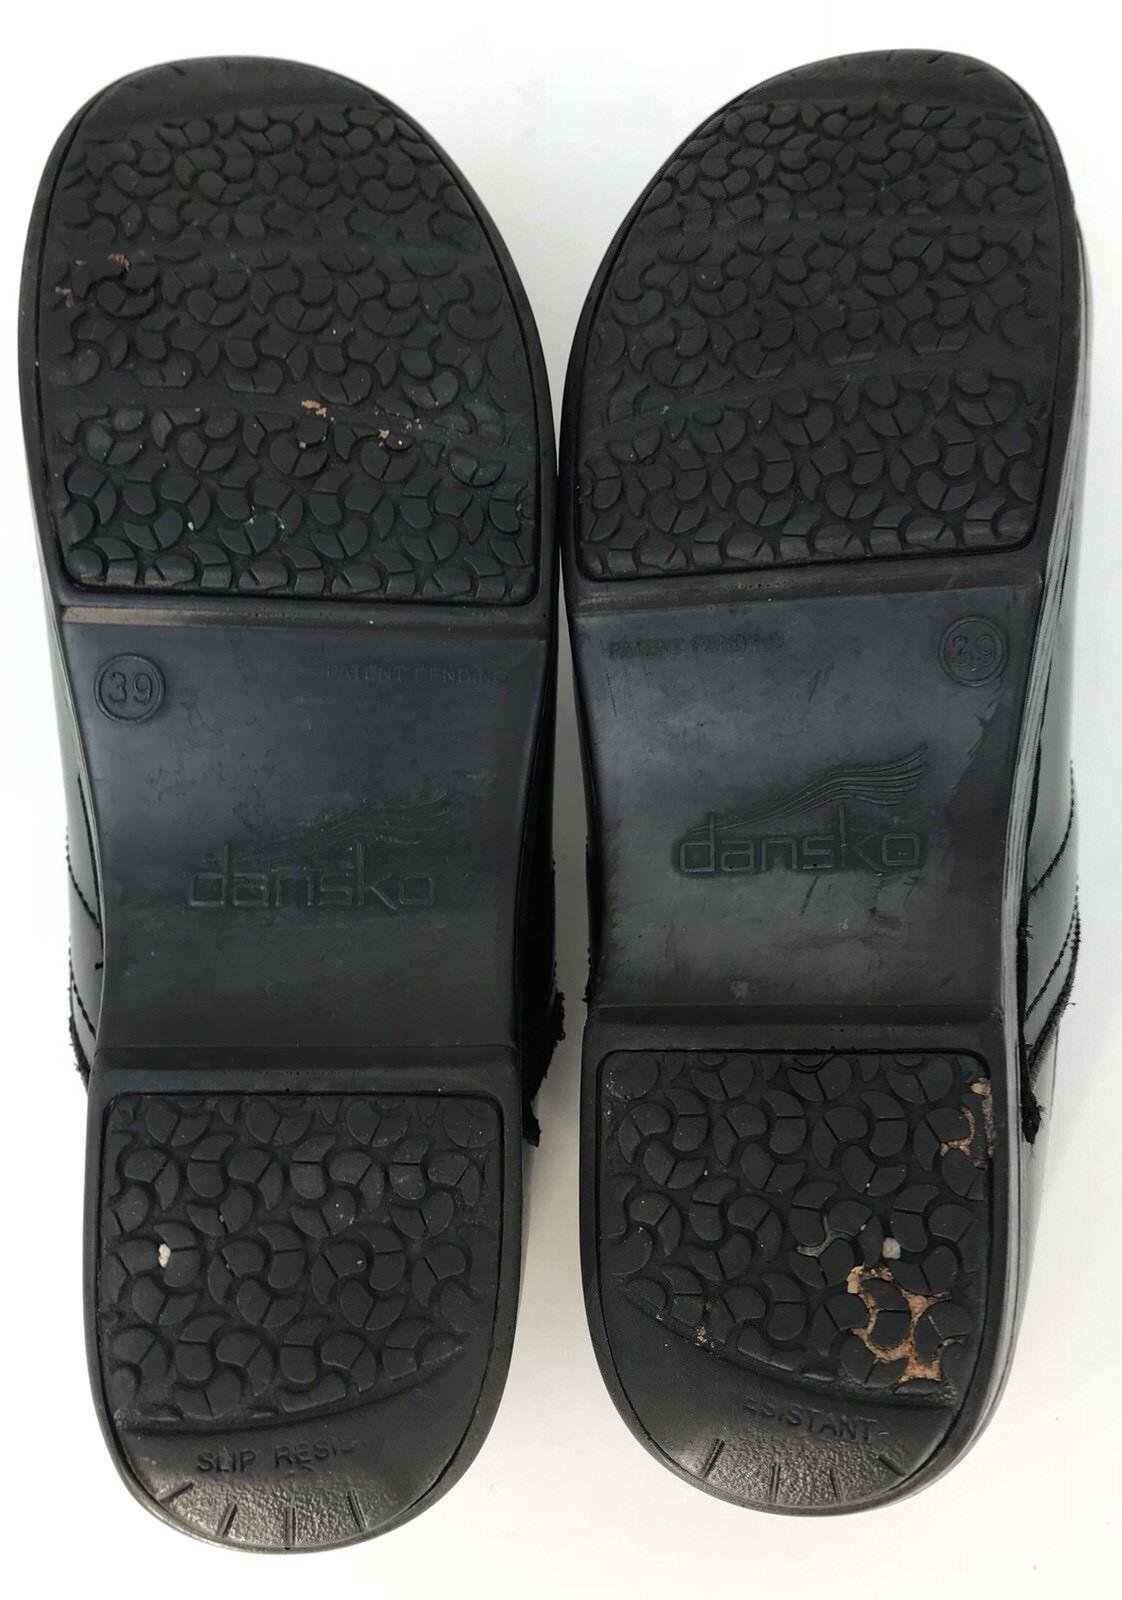 Dansko Negro Cuero Zuecos Elástico Vamp Cerrado toe y y y talón-SZ 39 US 9 6de50a